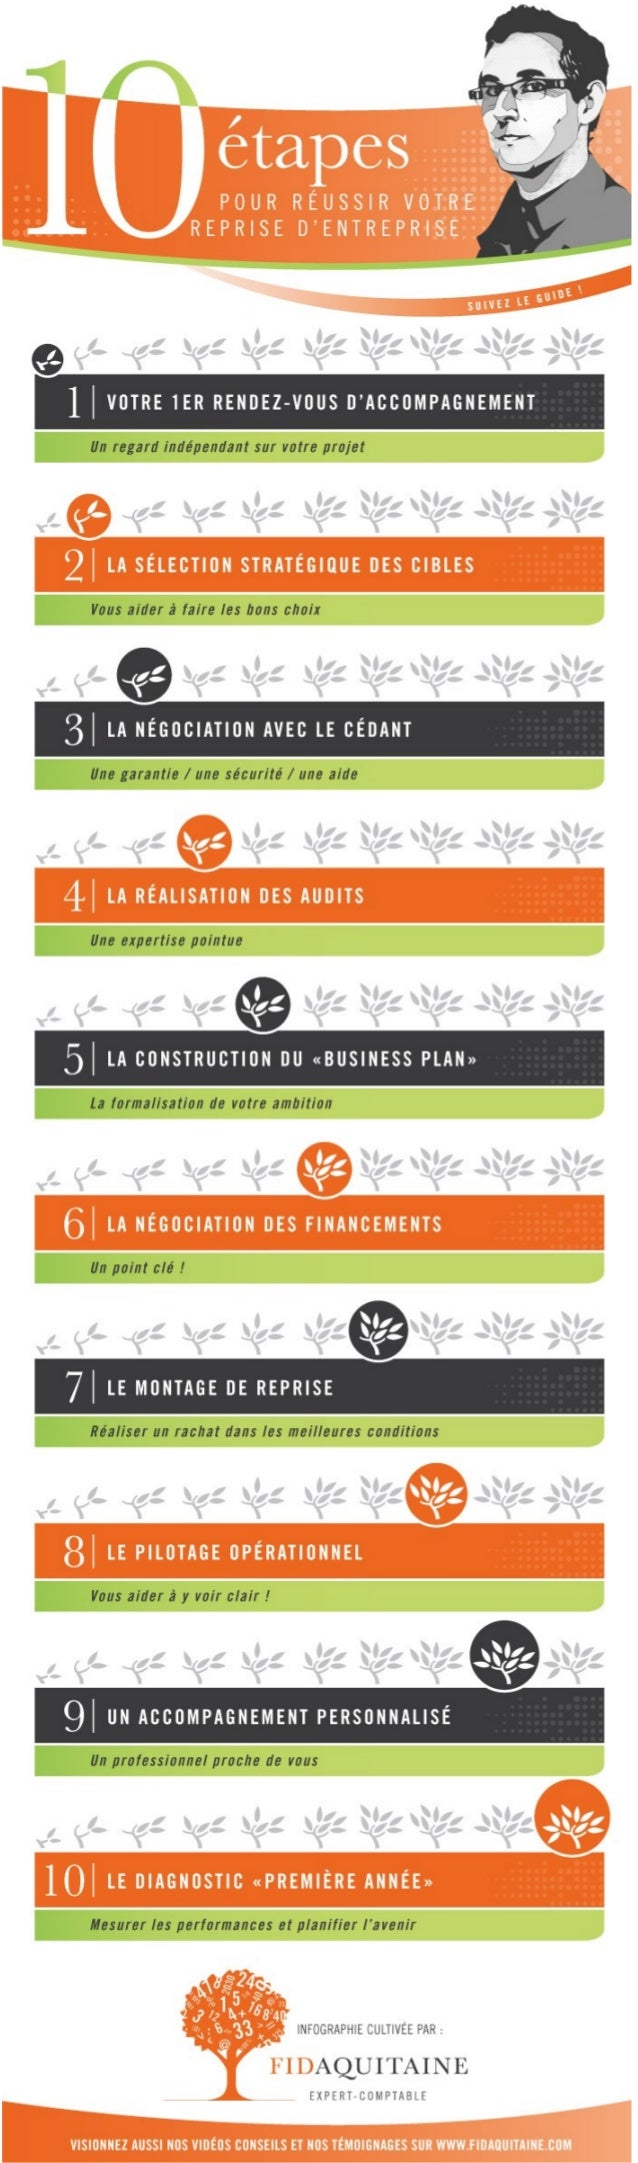 Les 10 étapes pour réussir sa reprise d'entreprise !